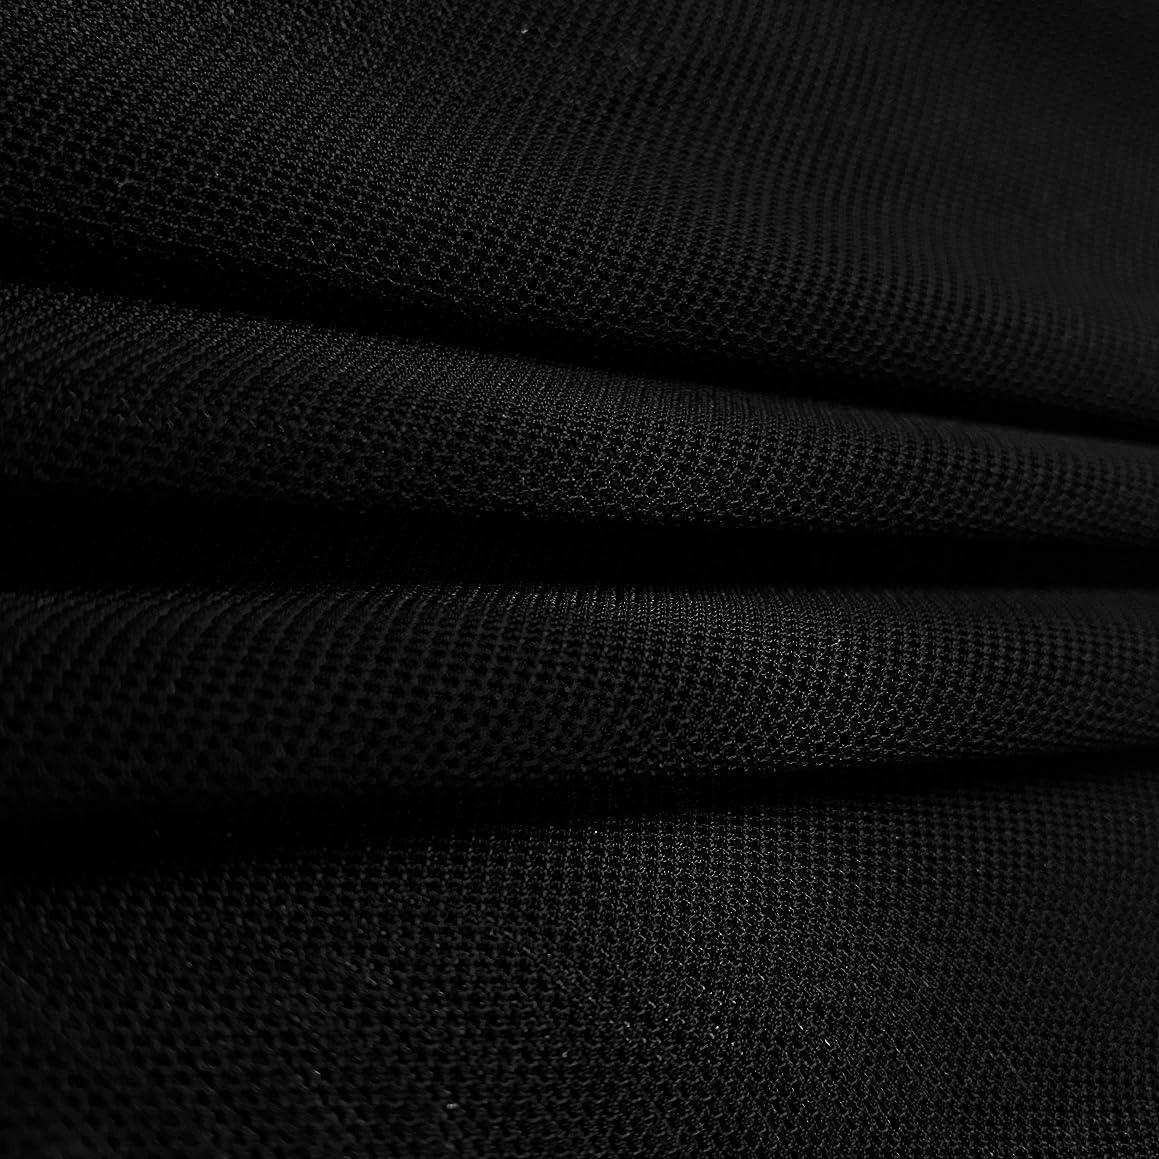 Solid Power Mesh Fabric Nylon Spandex 60